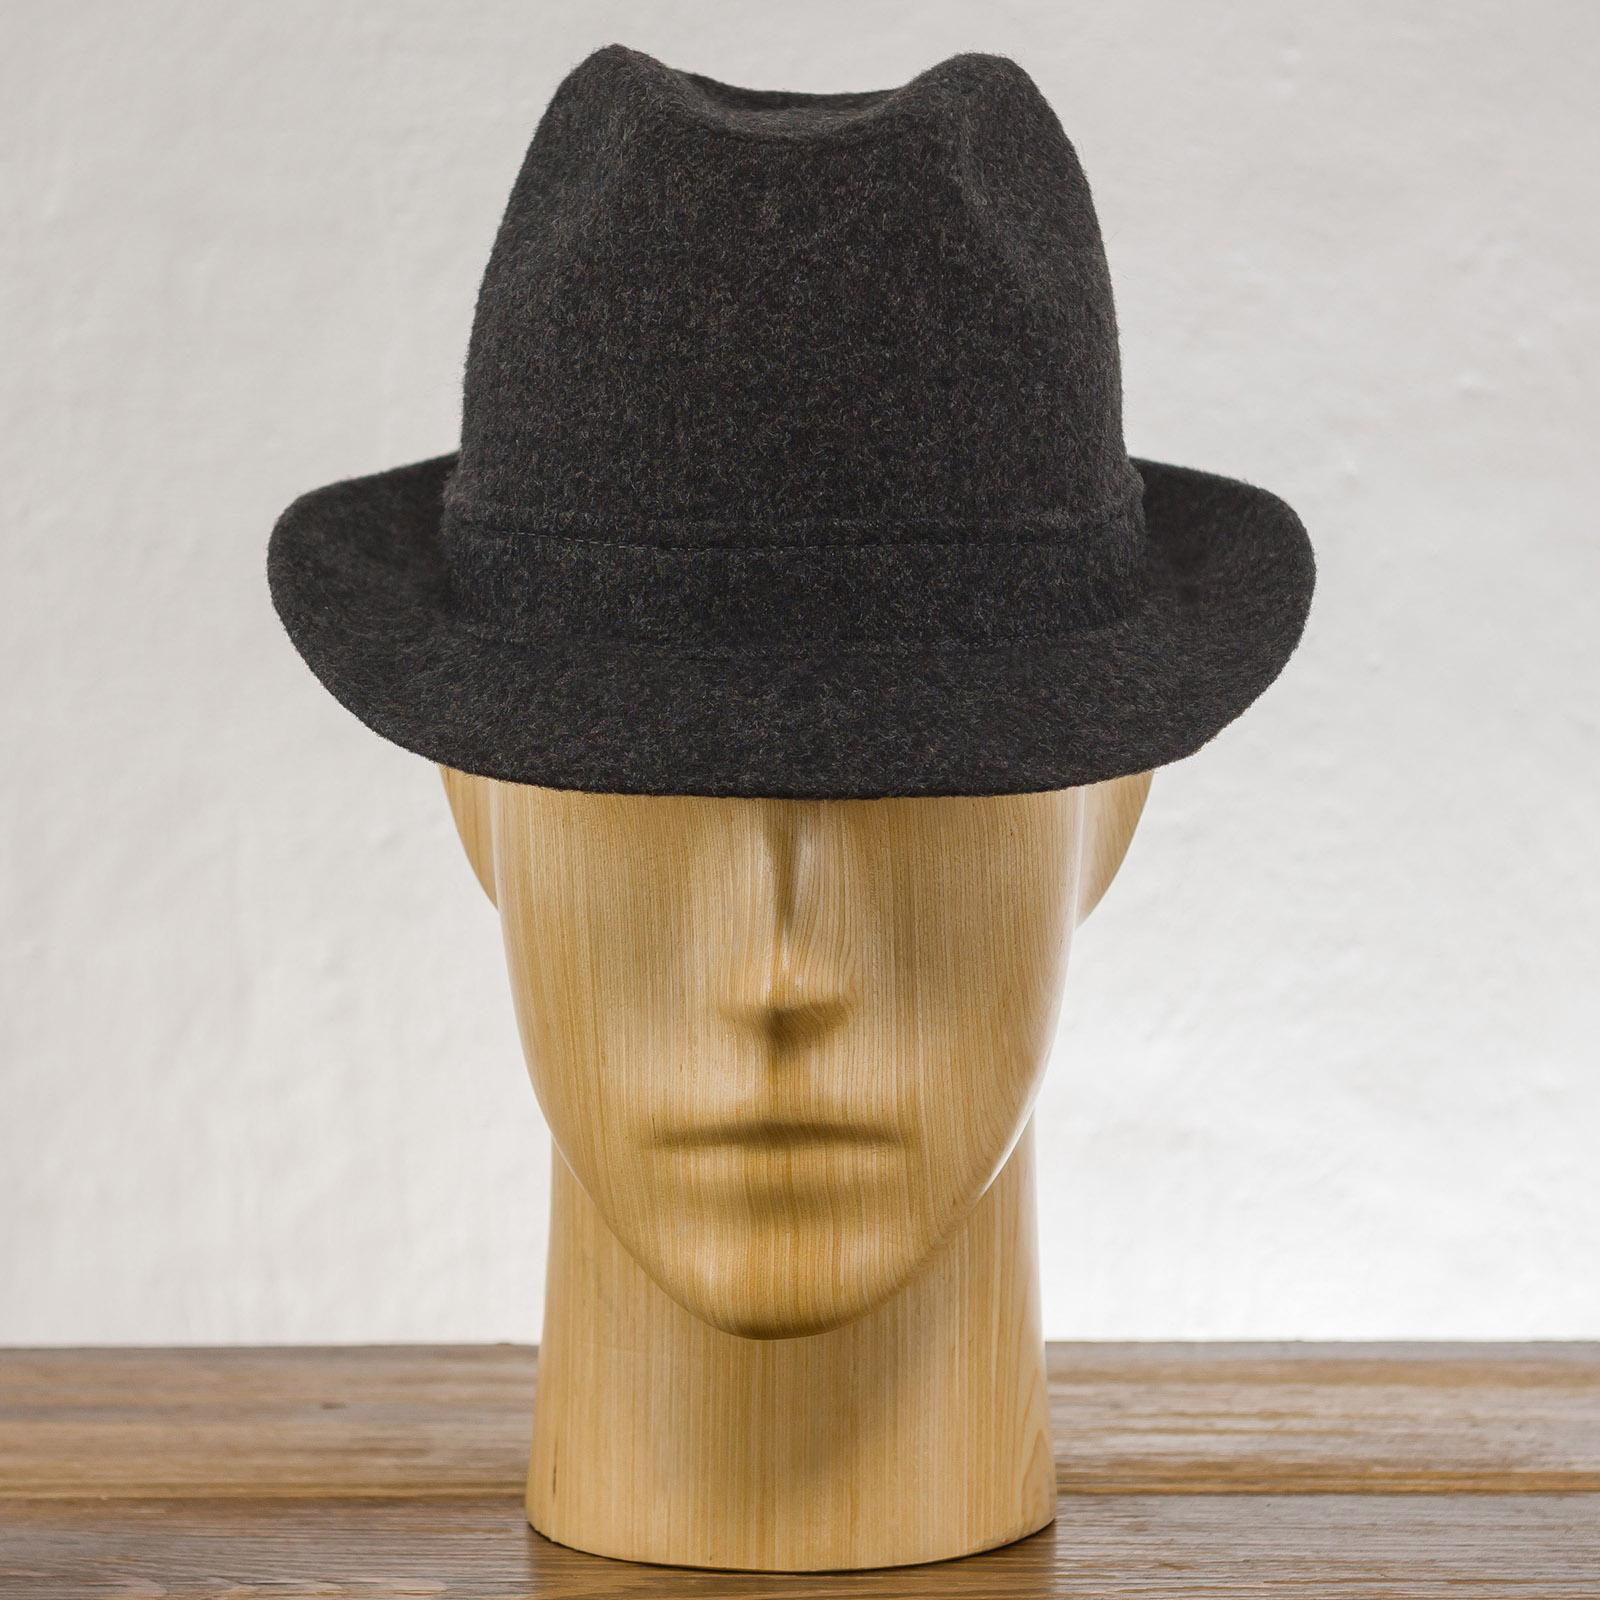 Klasyczny kapelusz męski Trilby z wąskim rondem, uszyty z sukna wełnianego